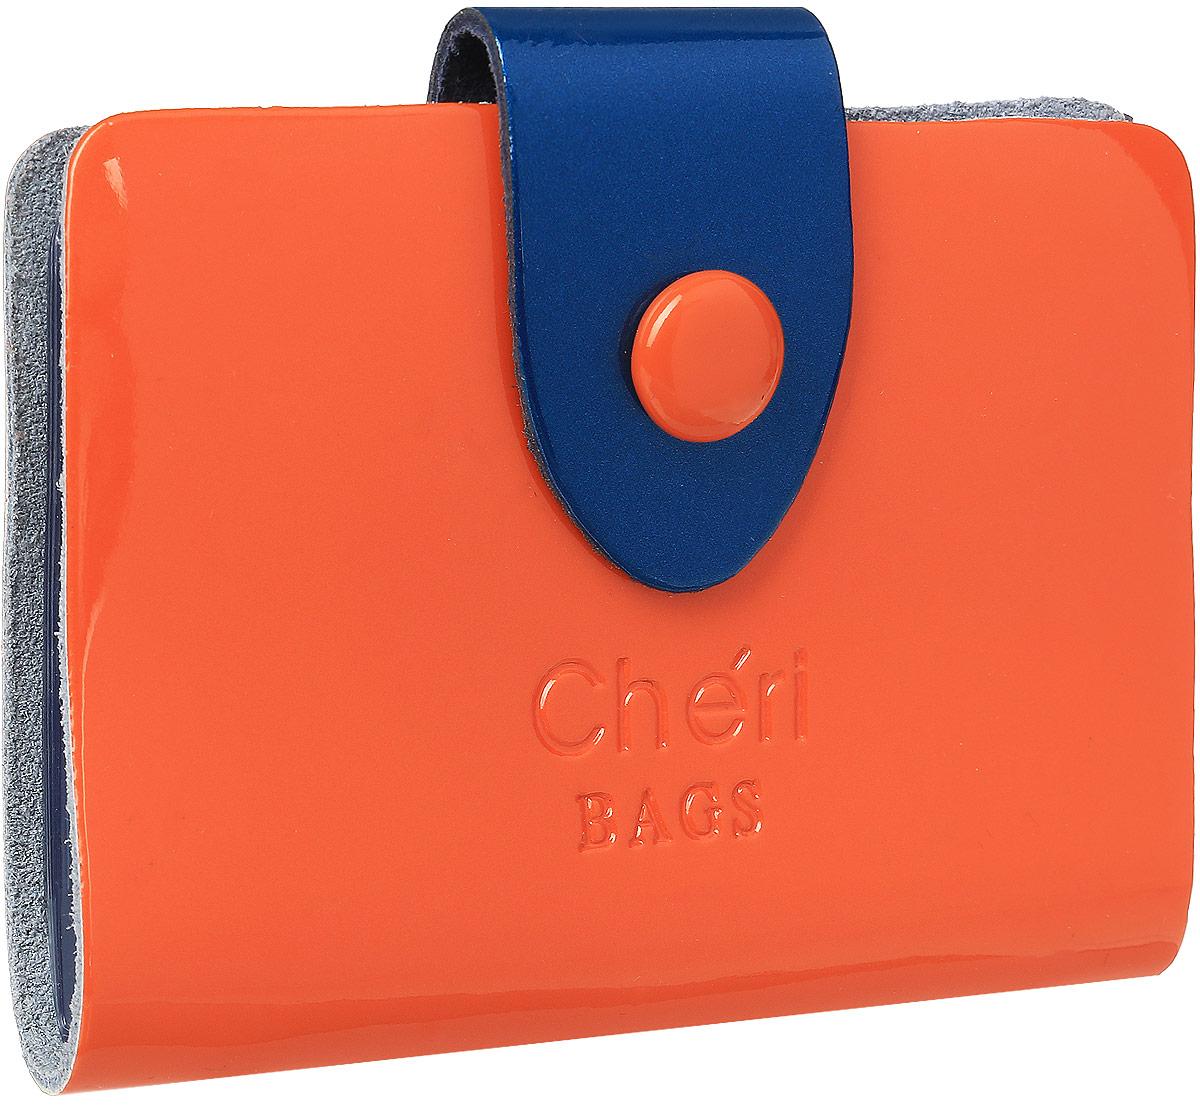 Визитница женская Cheribags, цвет: оранжевый. V-0499-22B16-11416Визитница Cheribags выполнена из натуральной кожи зернистой текстуры и оформлена тисненой надписью с названием бренда. Внутри расположен блок с 26 файлами для визитных и дисконтных карт. Изделие застегивается хлястиком на кнопку.